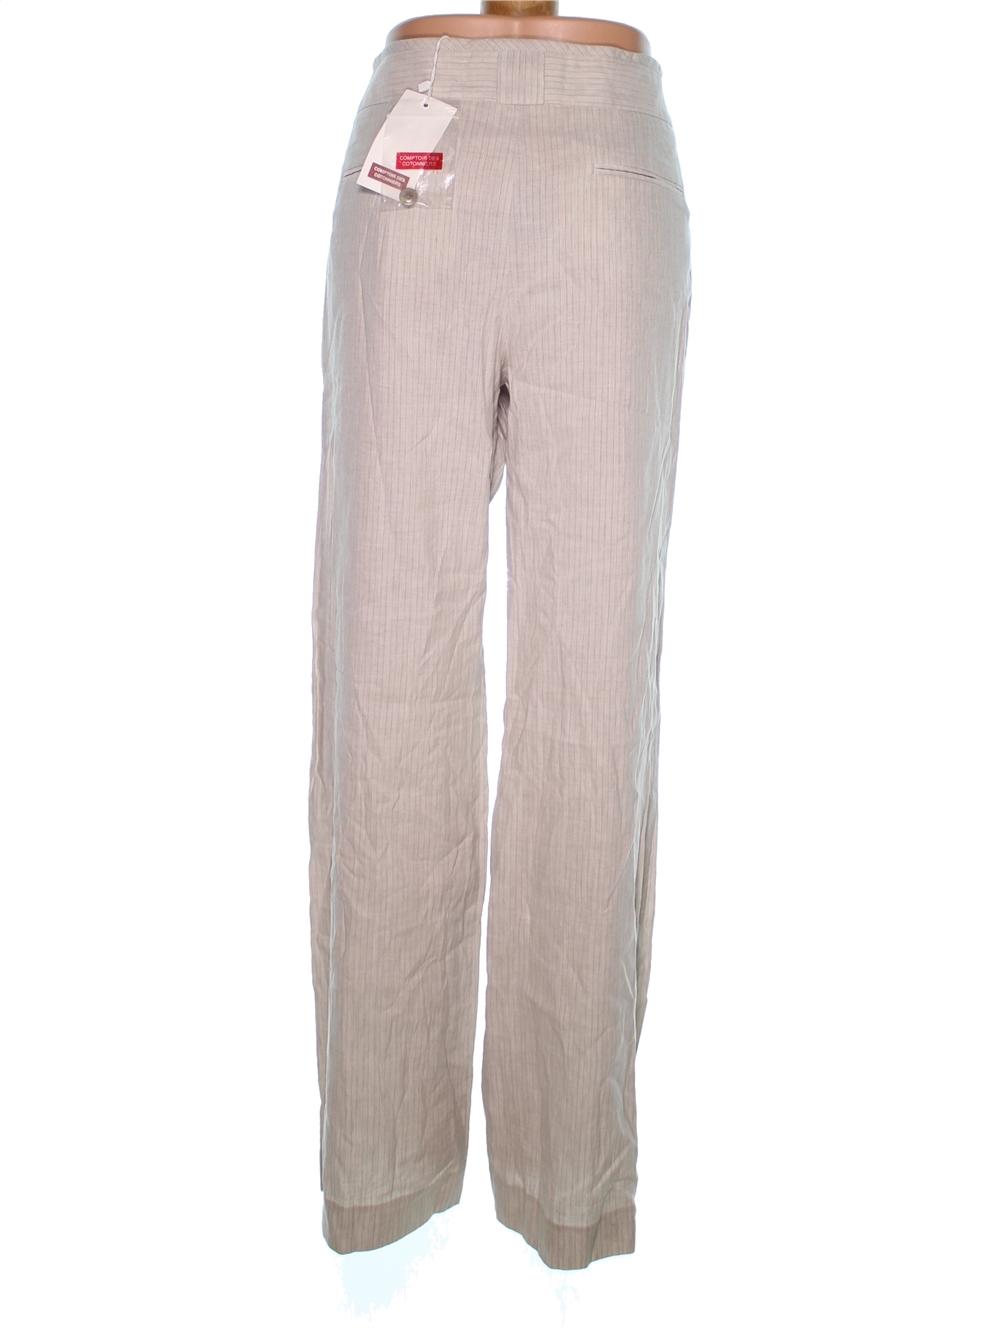 Pantalon-COMPTOIR-DES-COTONNIERS-42-1174765